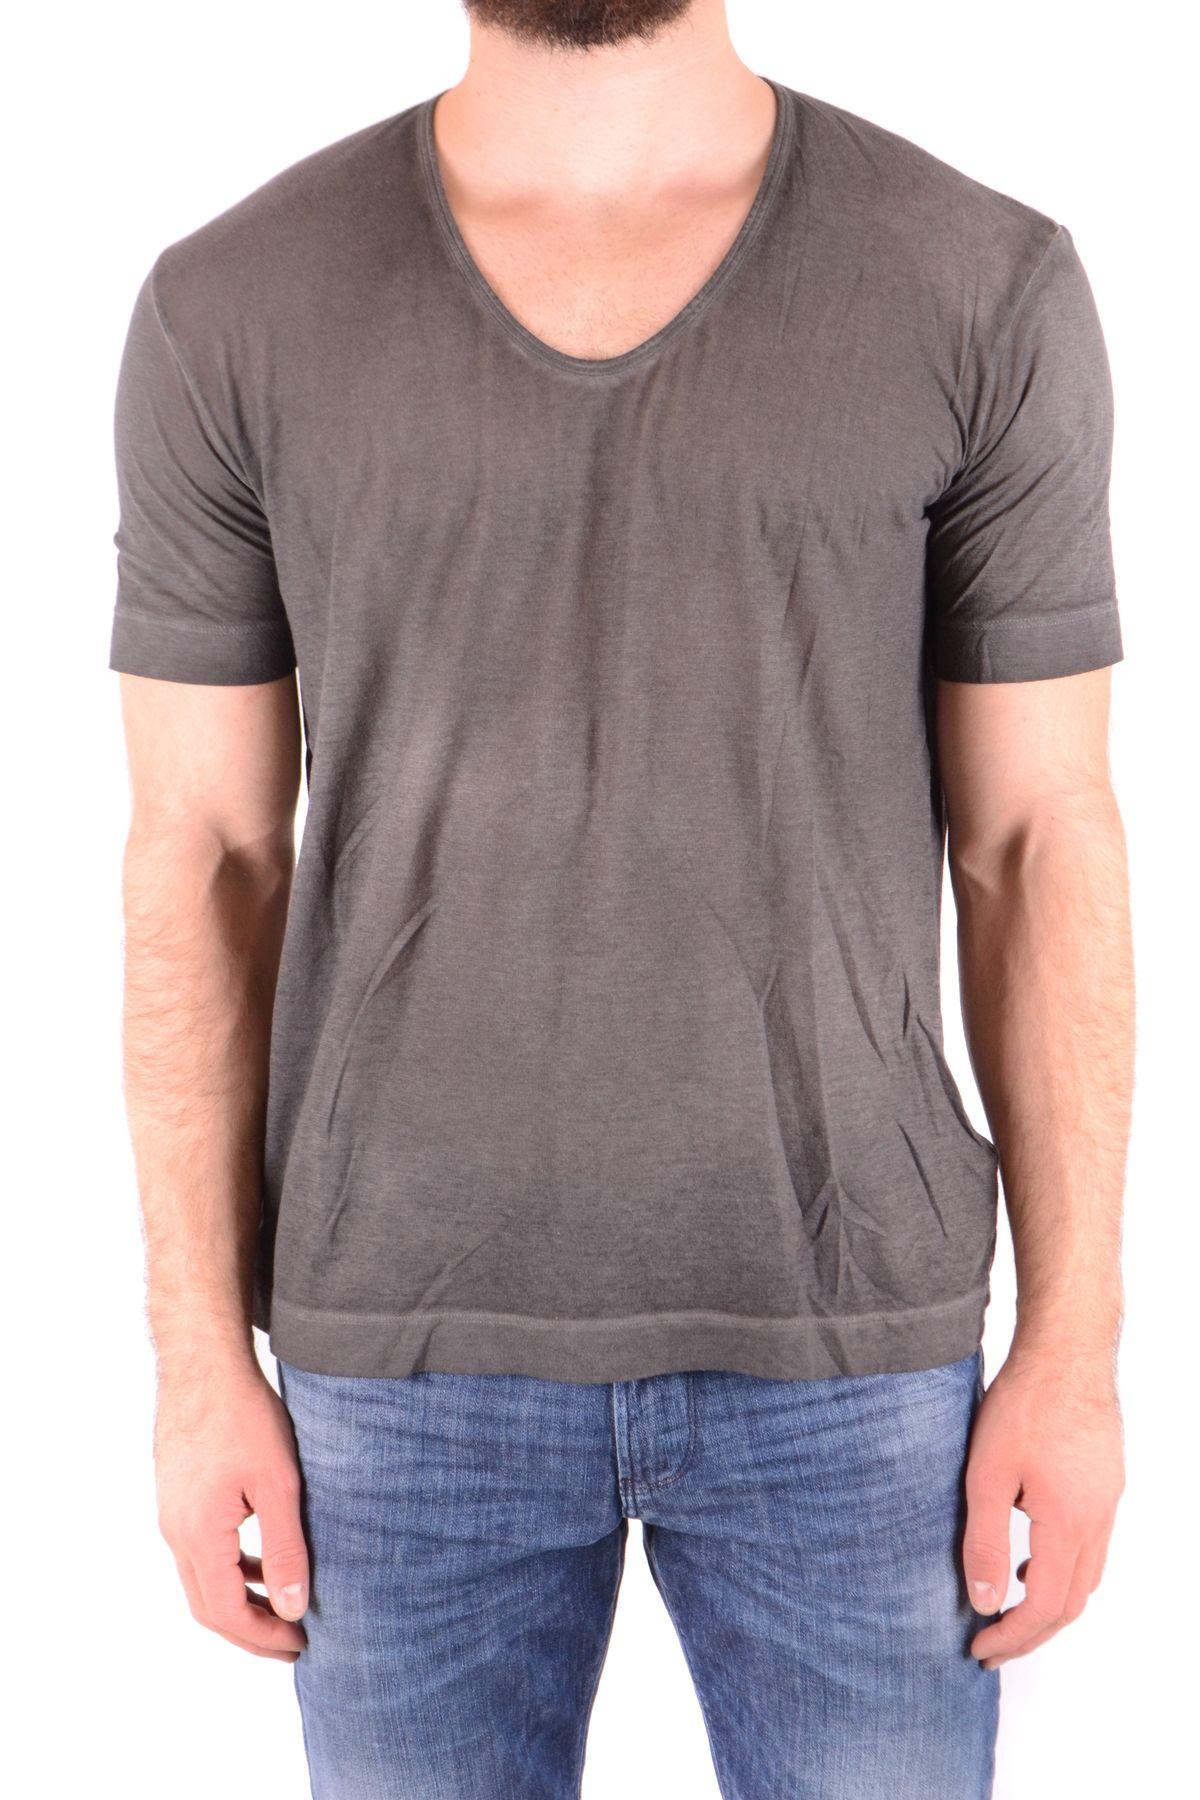 Diesel Black Gold Grey Cotton T-Shirt